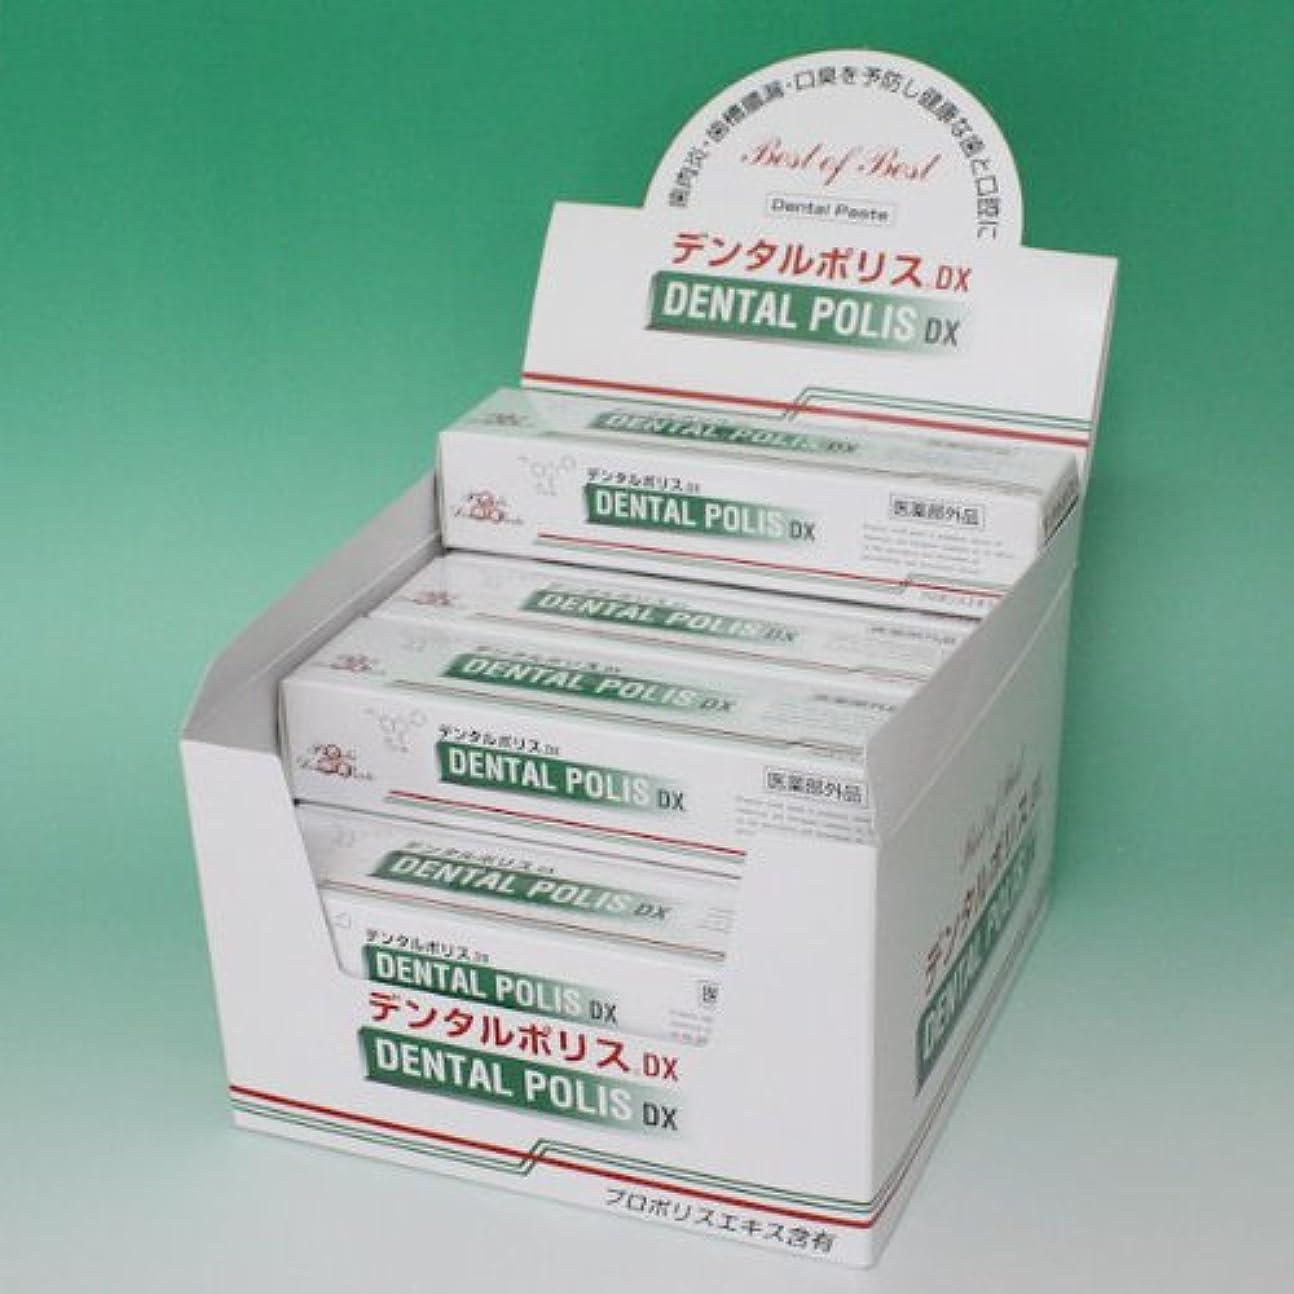 アイロニー削減ポップデンタルポリスDX 80g  12本セット 医薬部外品  歯みがき 8gサンプル2本 進呈!